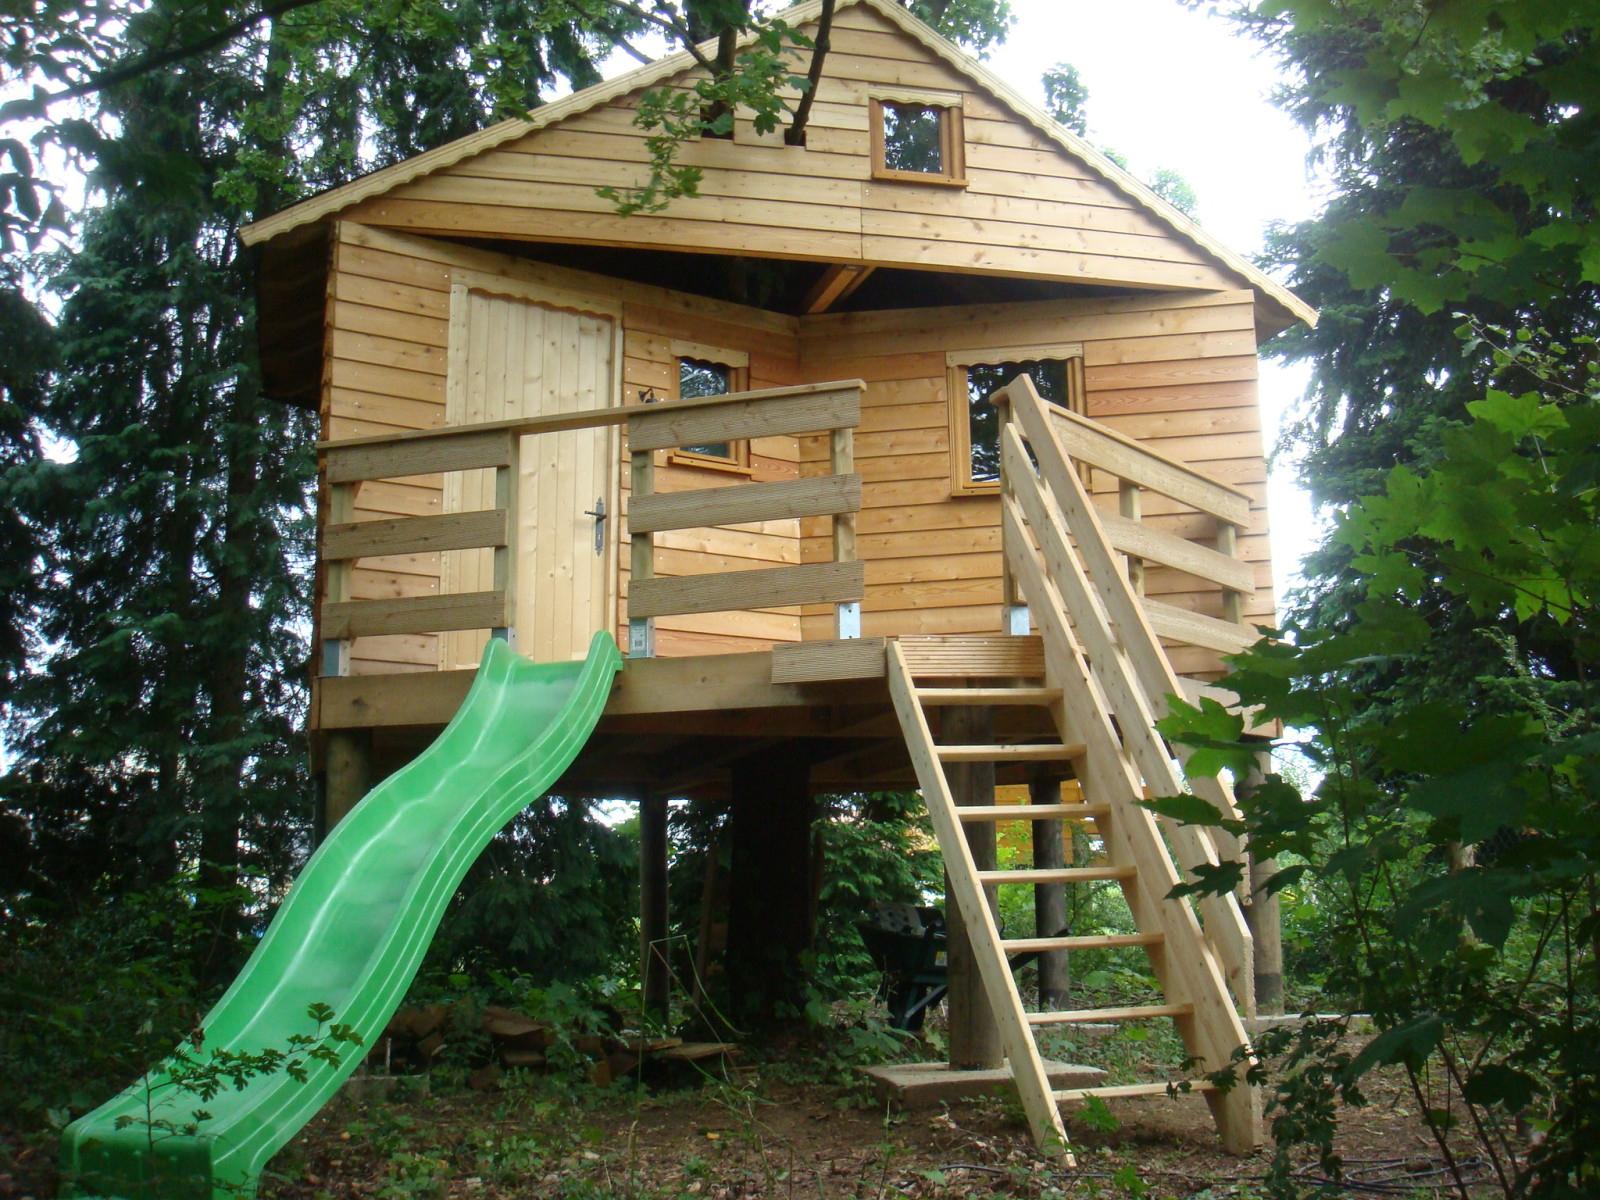 Cuisine: Etapes Photos Ment Monter Cabane En Bois Sur ... destiné Construire Une Cabane De Jardin Soi Meme